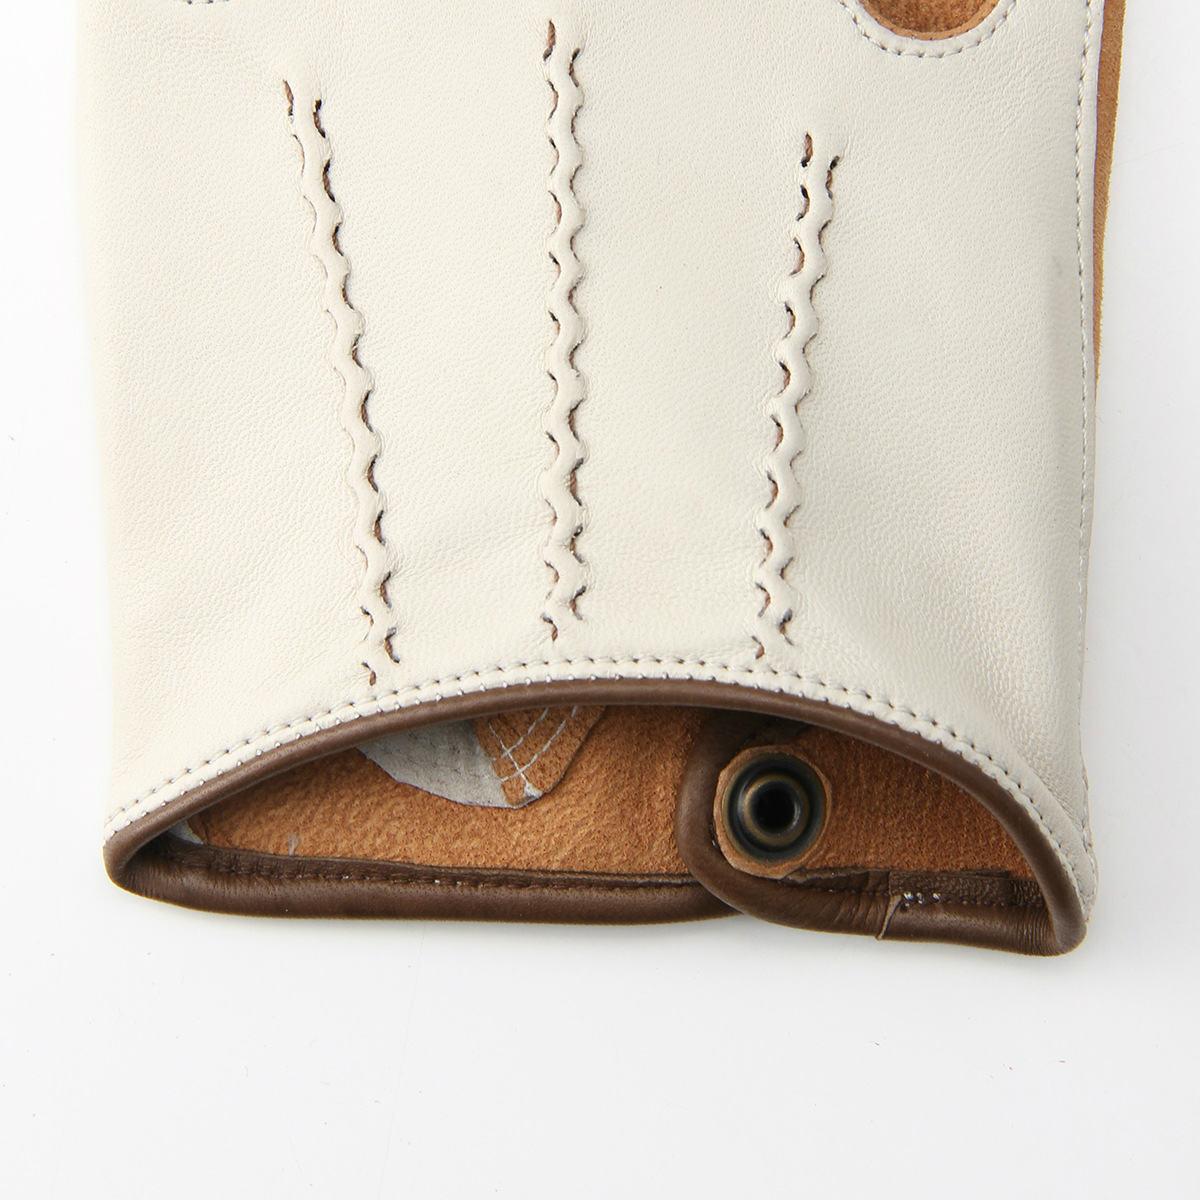 半指 本革 ドライビンググローブ メンズ 羊革 スエード アルタクラッセ カプリガンティ アイボリー 保存袋付 ギフト箱入